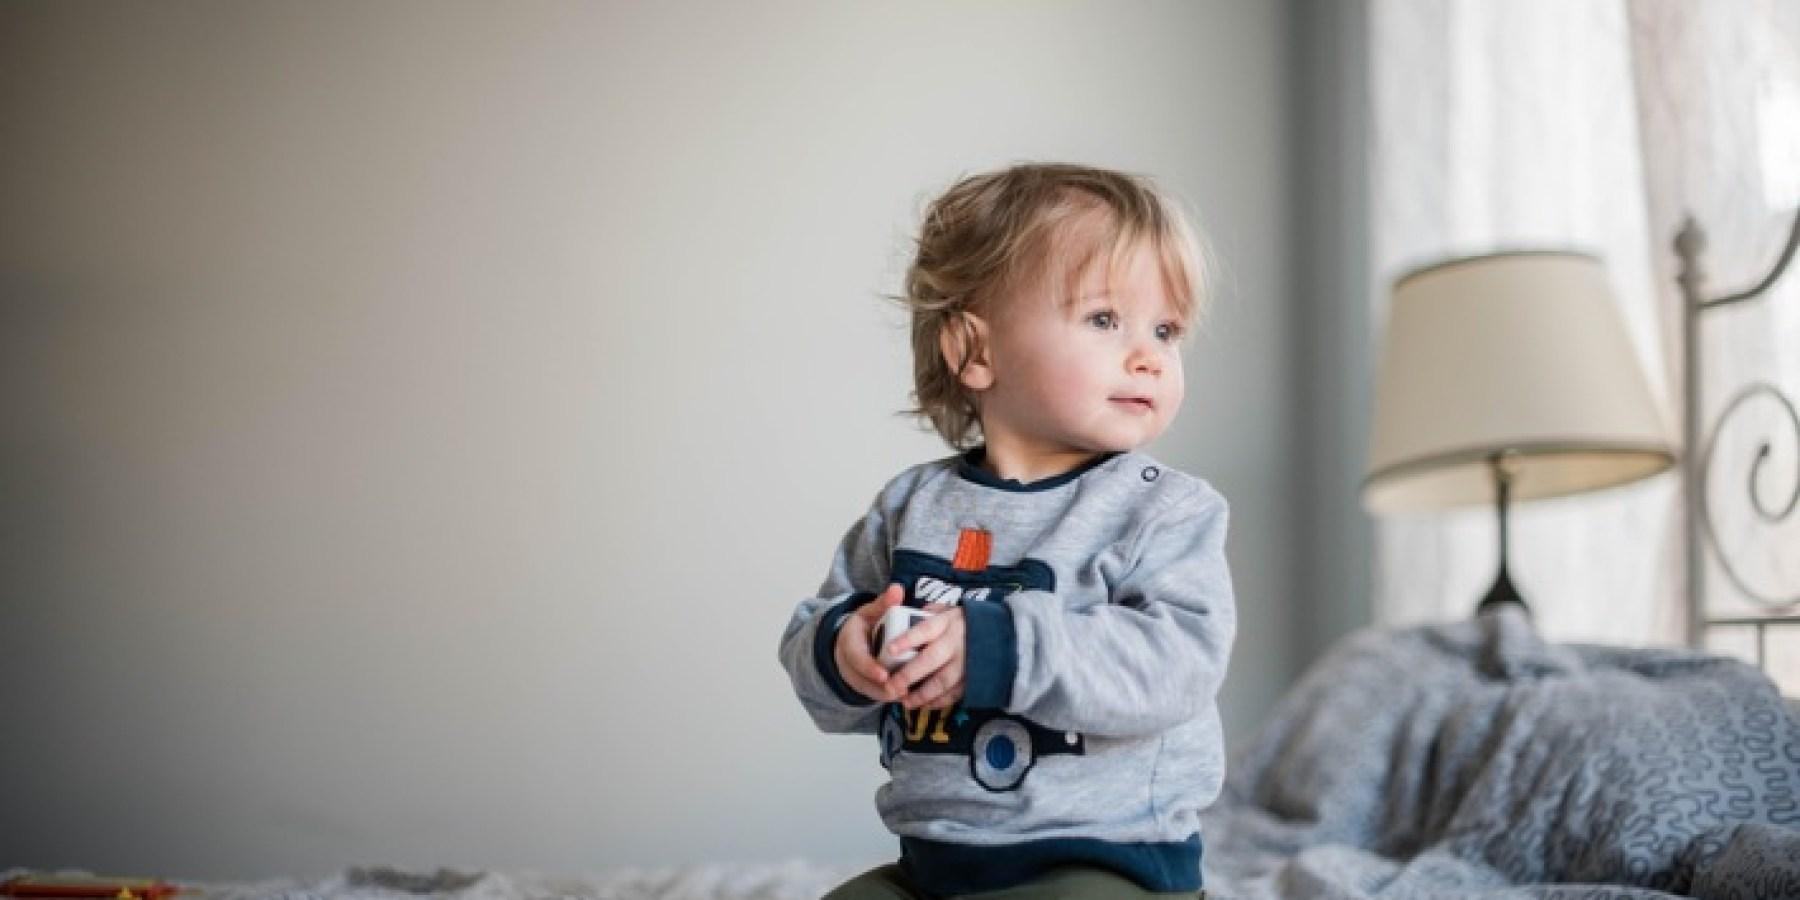 Paukenerguss bei Kindern: Zwischen Abwarten und Operation